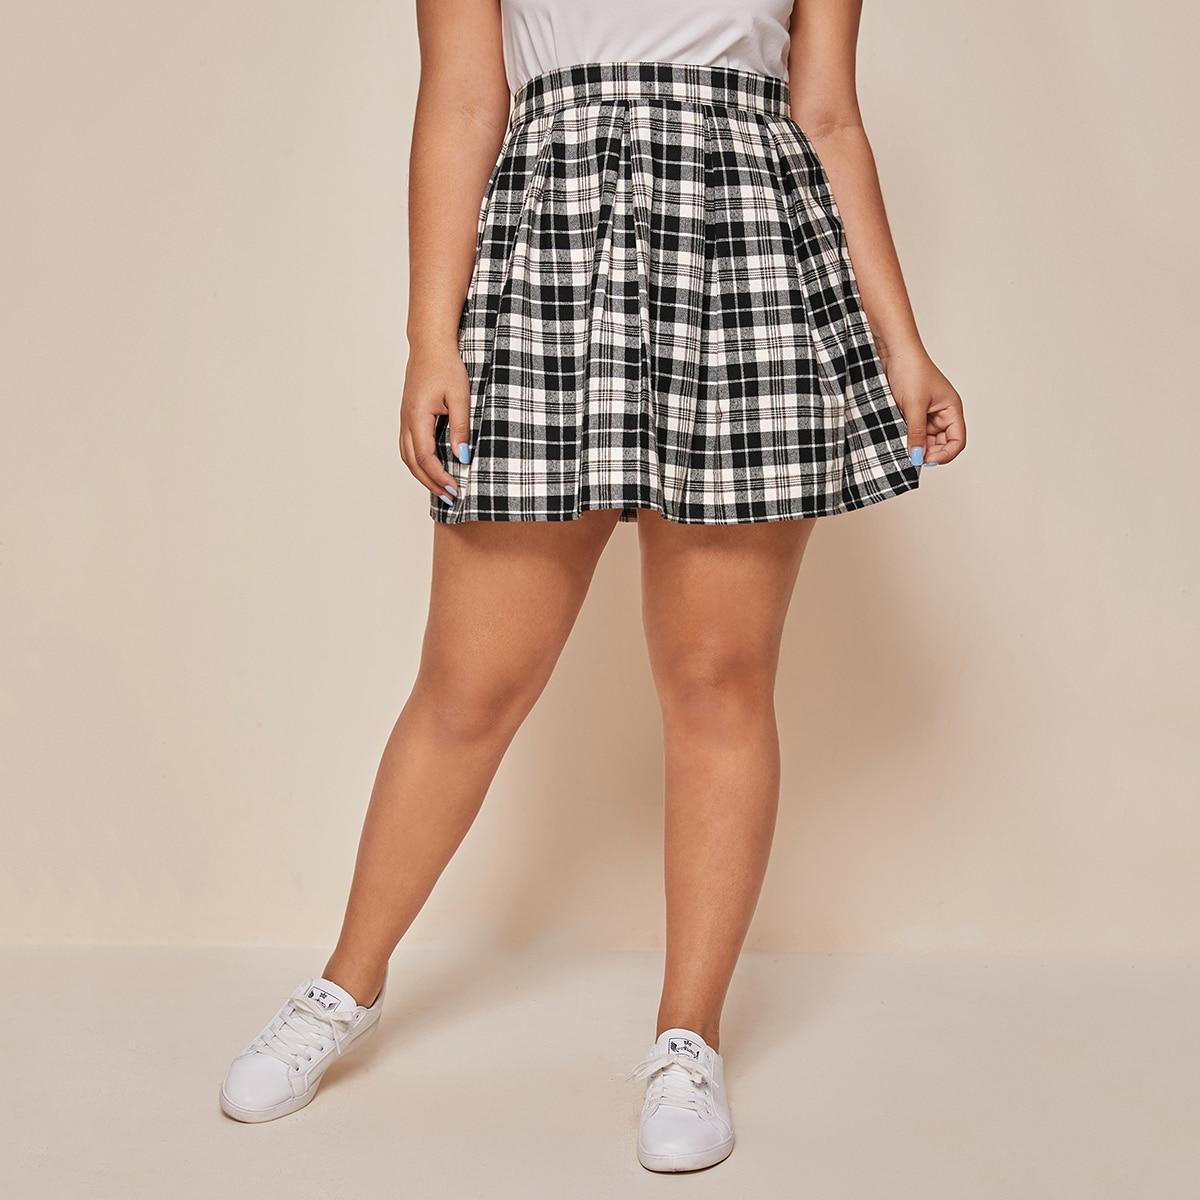 SHEIN / Plus Tartan High Rise Skirt